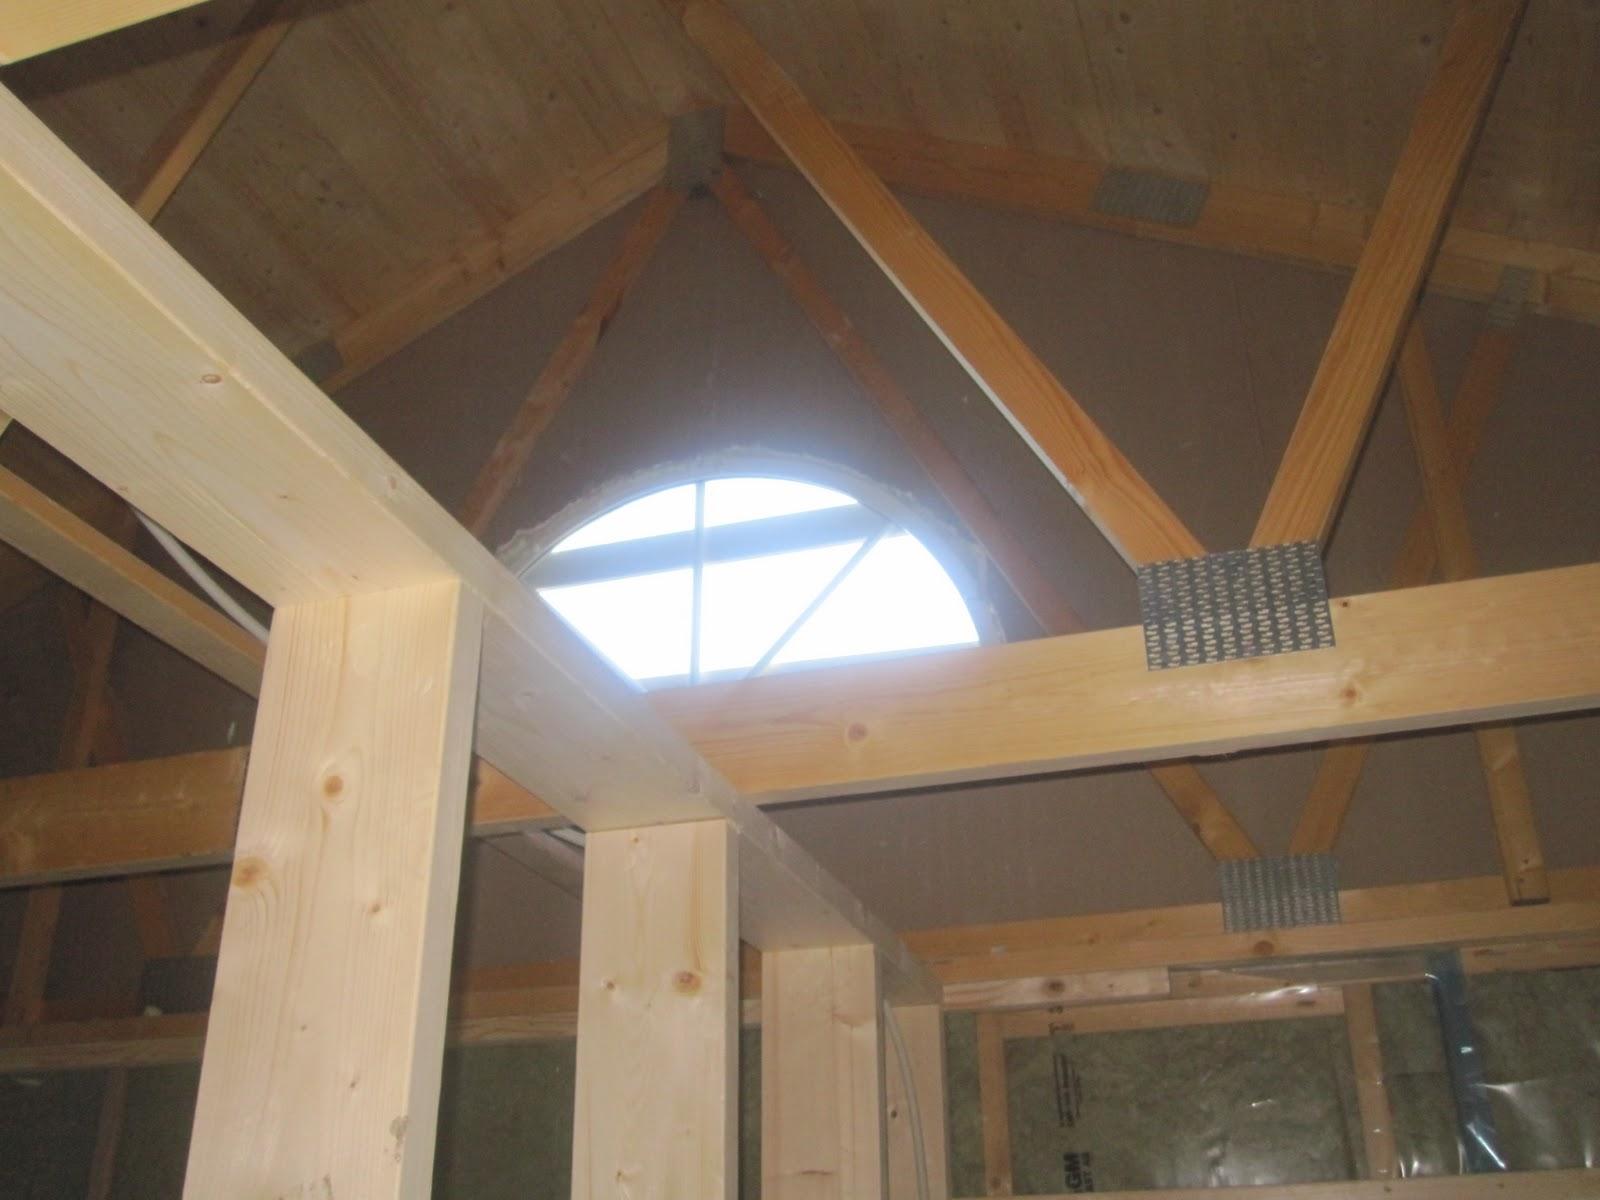 Henrik och Malins husprojekt - New England - från ett tomt papper ...